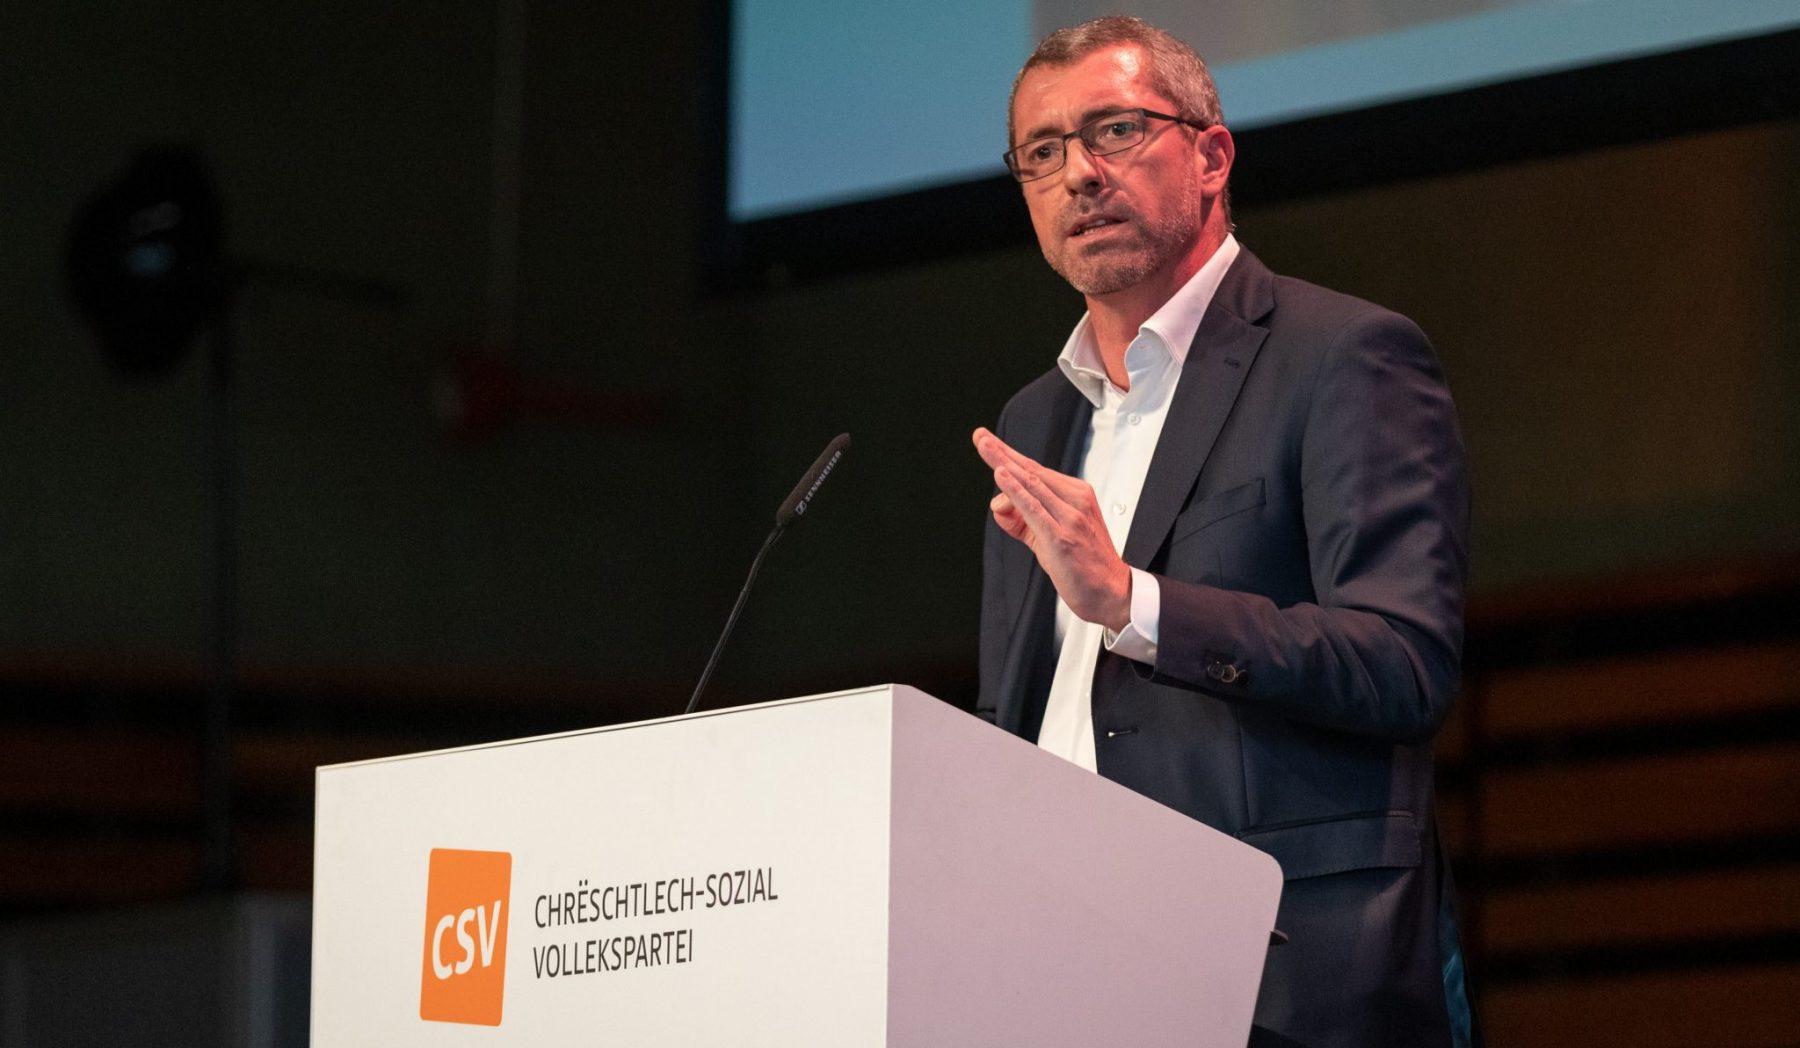 Die CSV in der Ära Engel: Eine Partei vor der Zerreißprobe - Reporter.lu